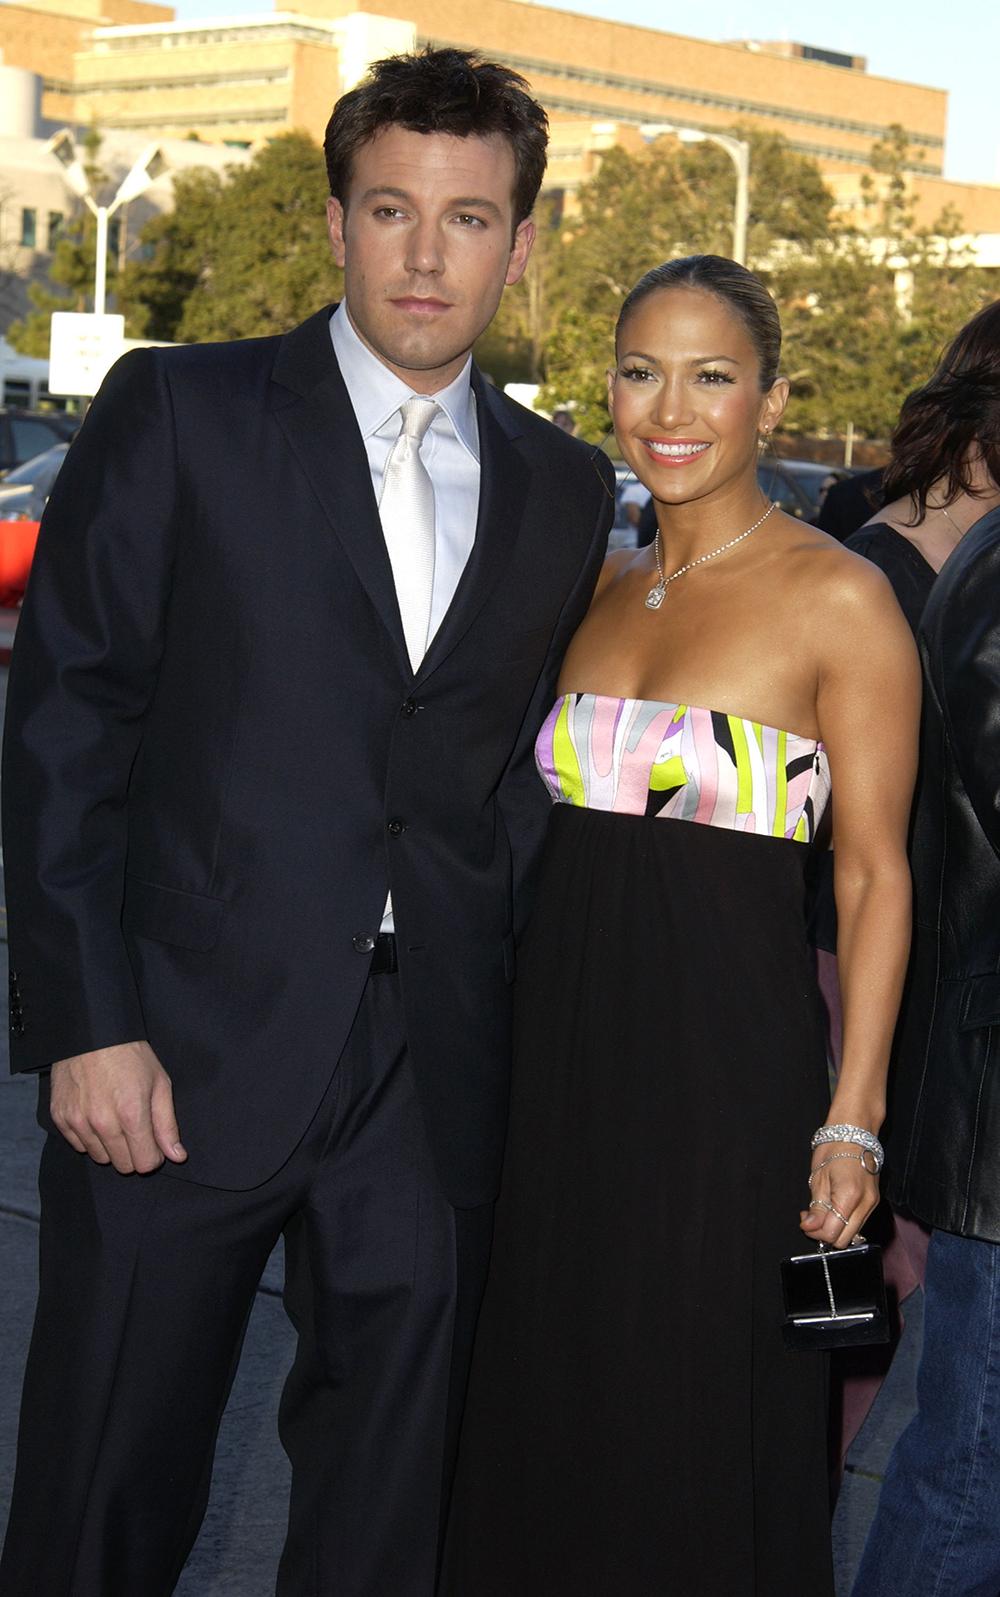 7 ganger Jennifer Lopez og Ben Affleck var et motepar